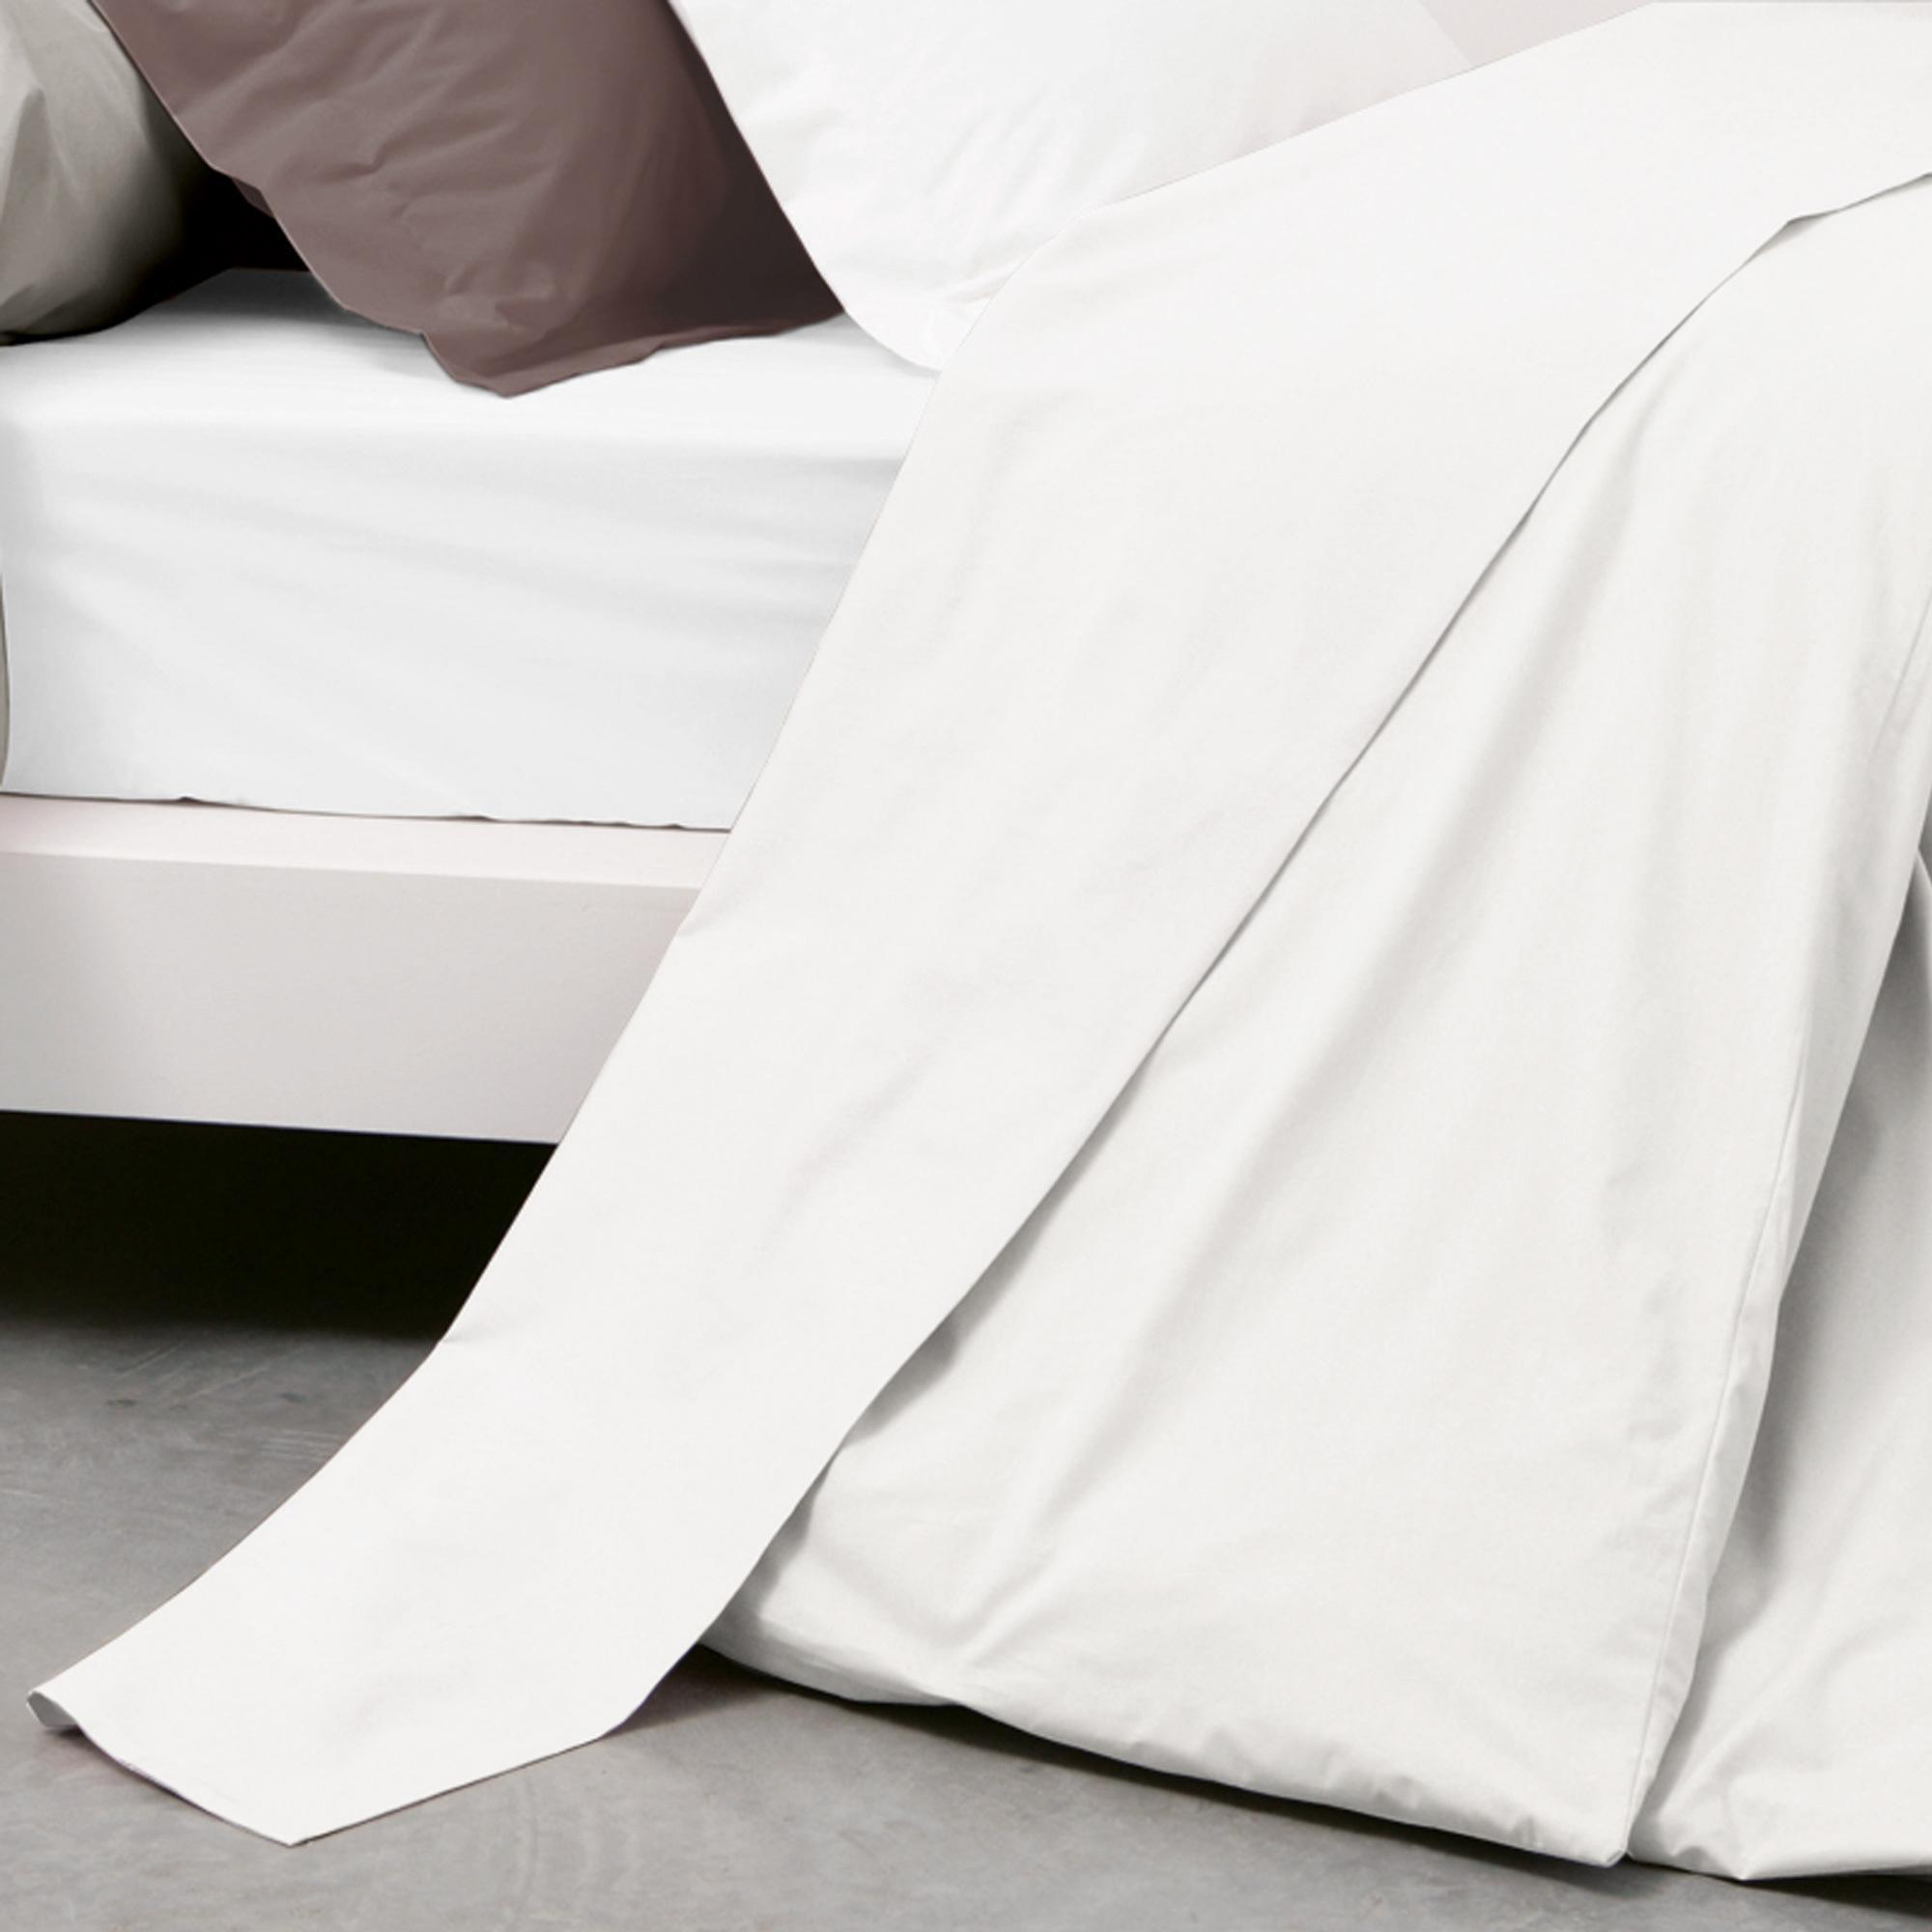 drap plat 180x290cm uni pur coton alto blanc linnea vente de linge de maison. Black Bedroom Furniture Sets. Home Design Ideas